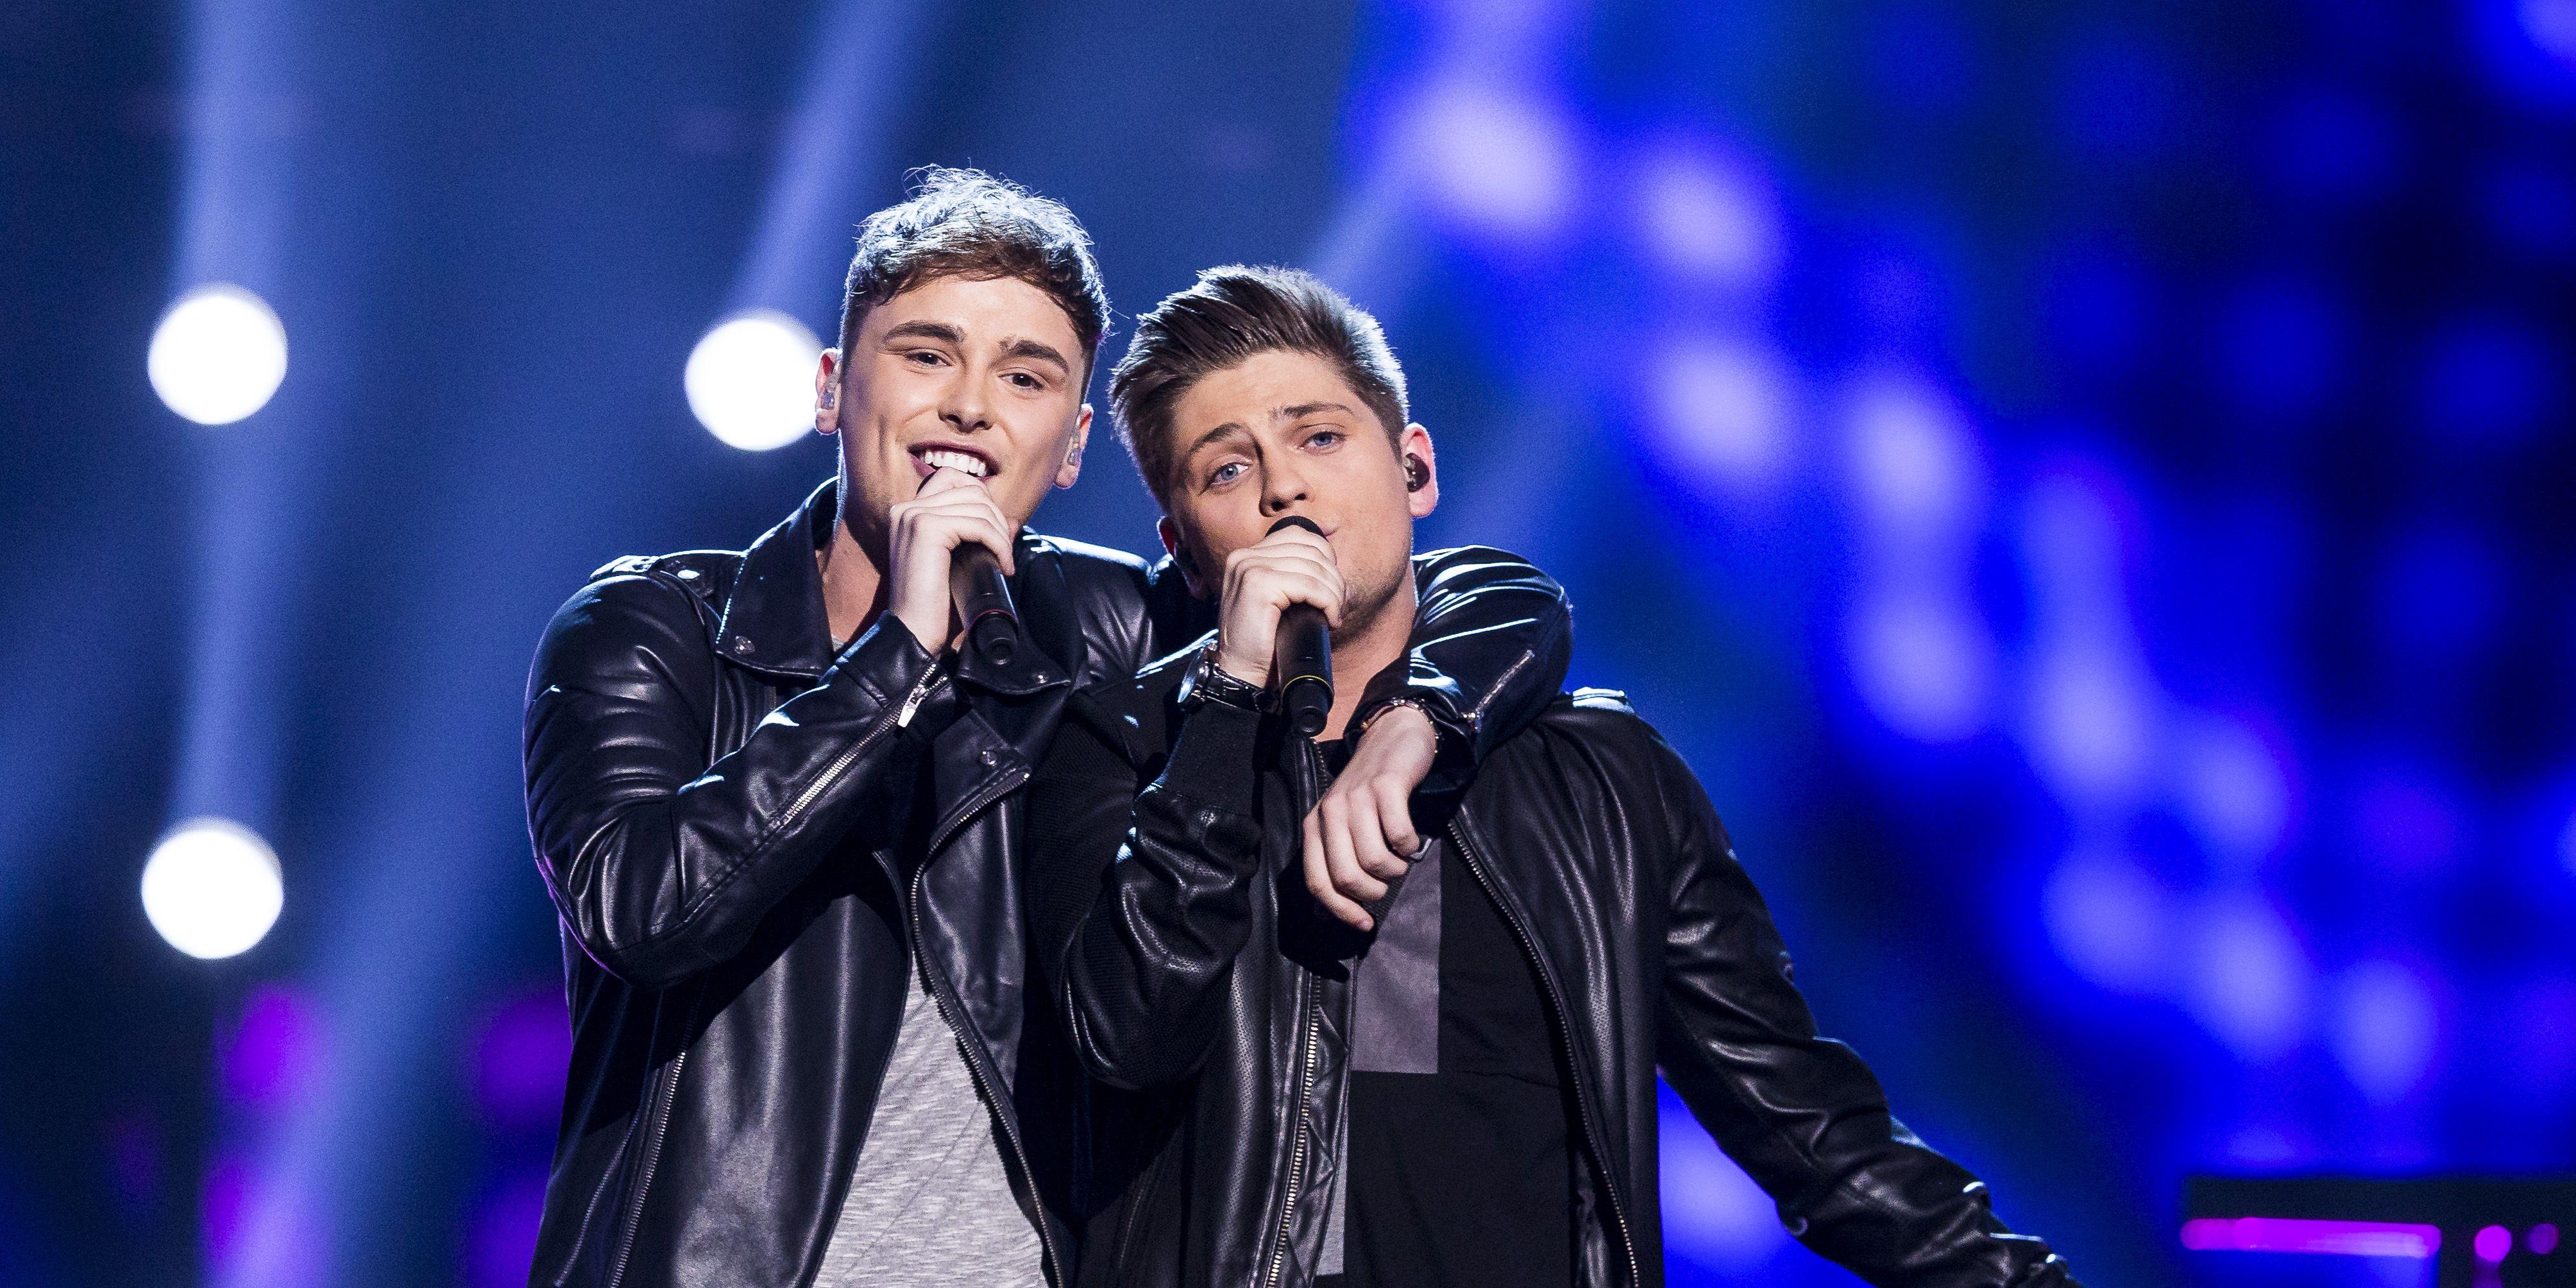 Eurovision 2016: Joe & Jake